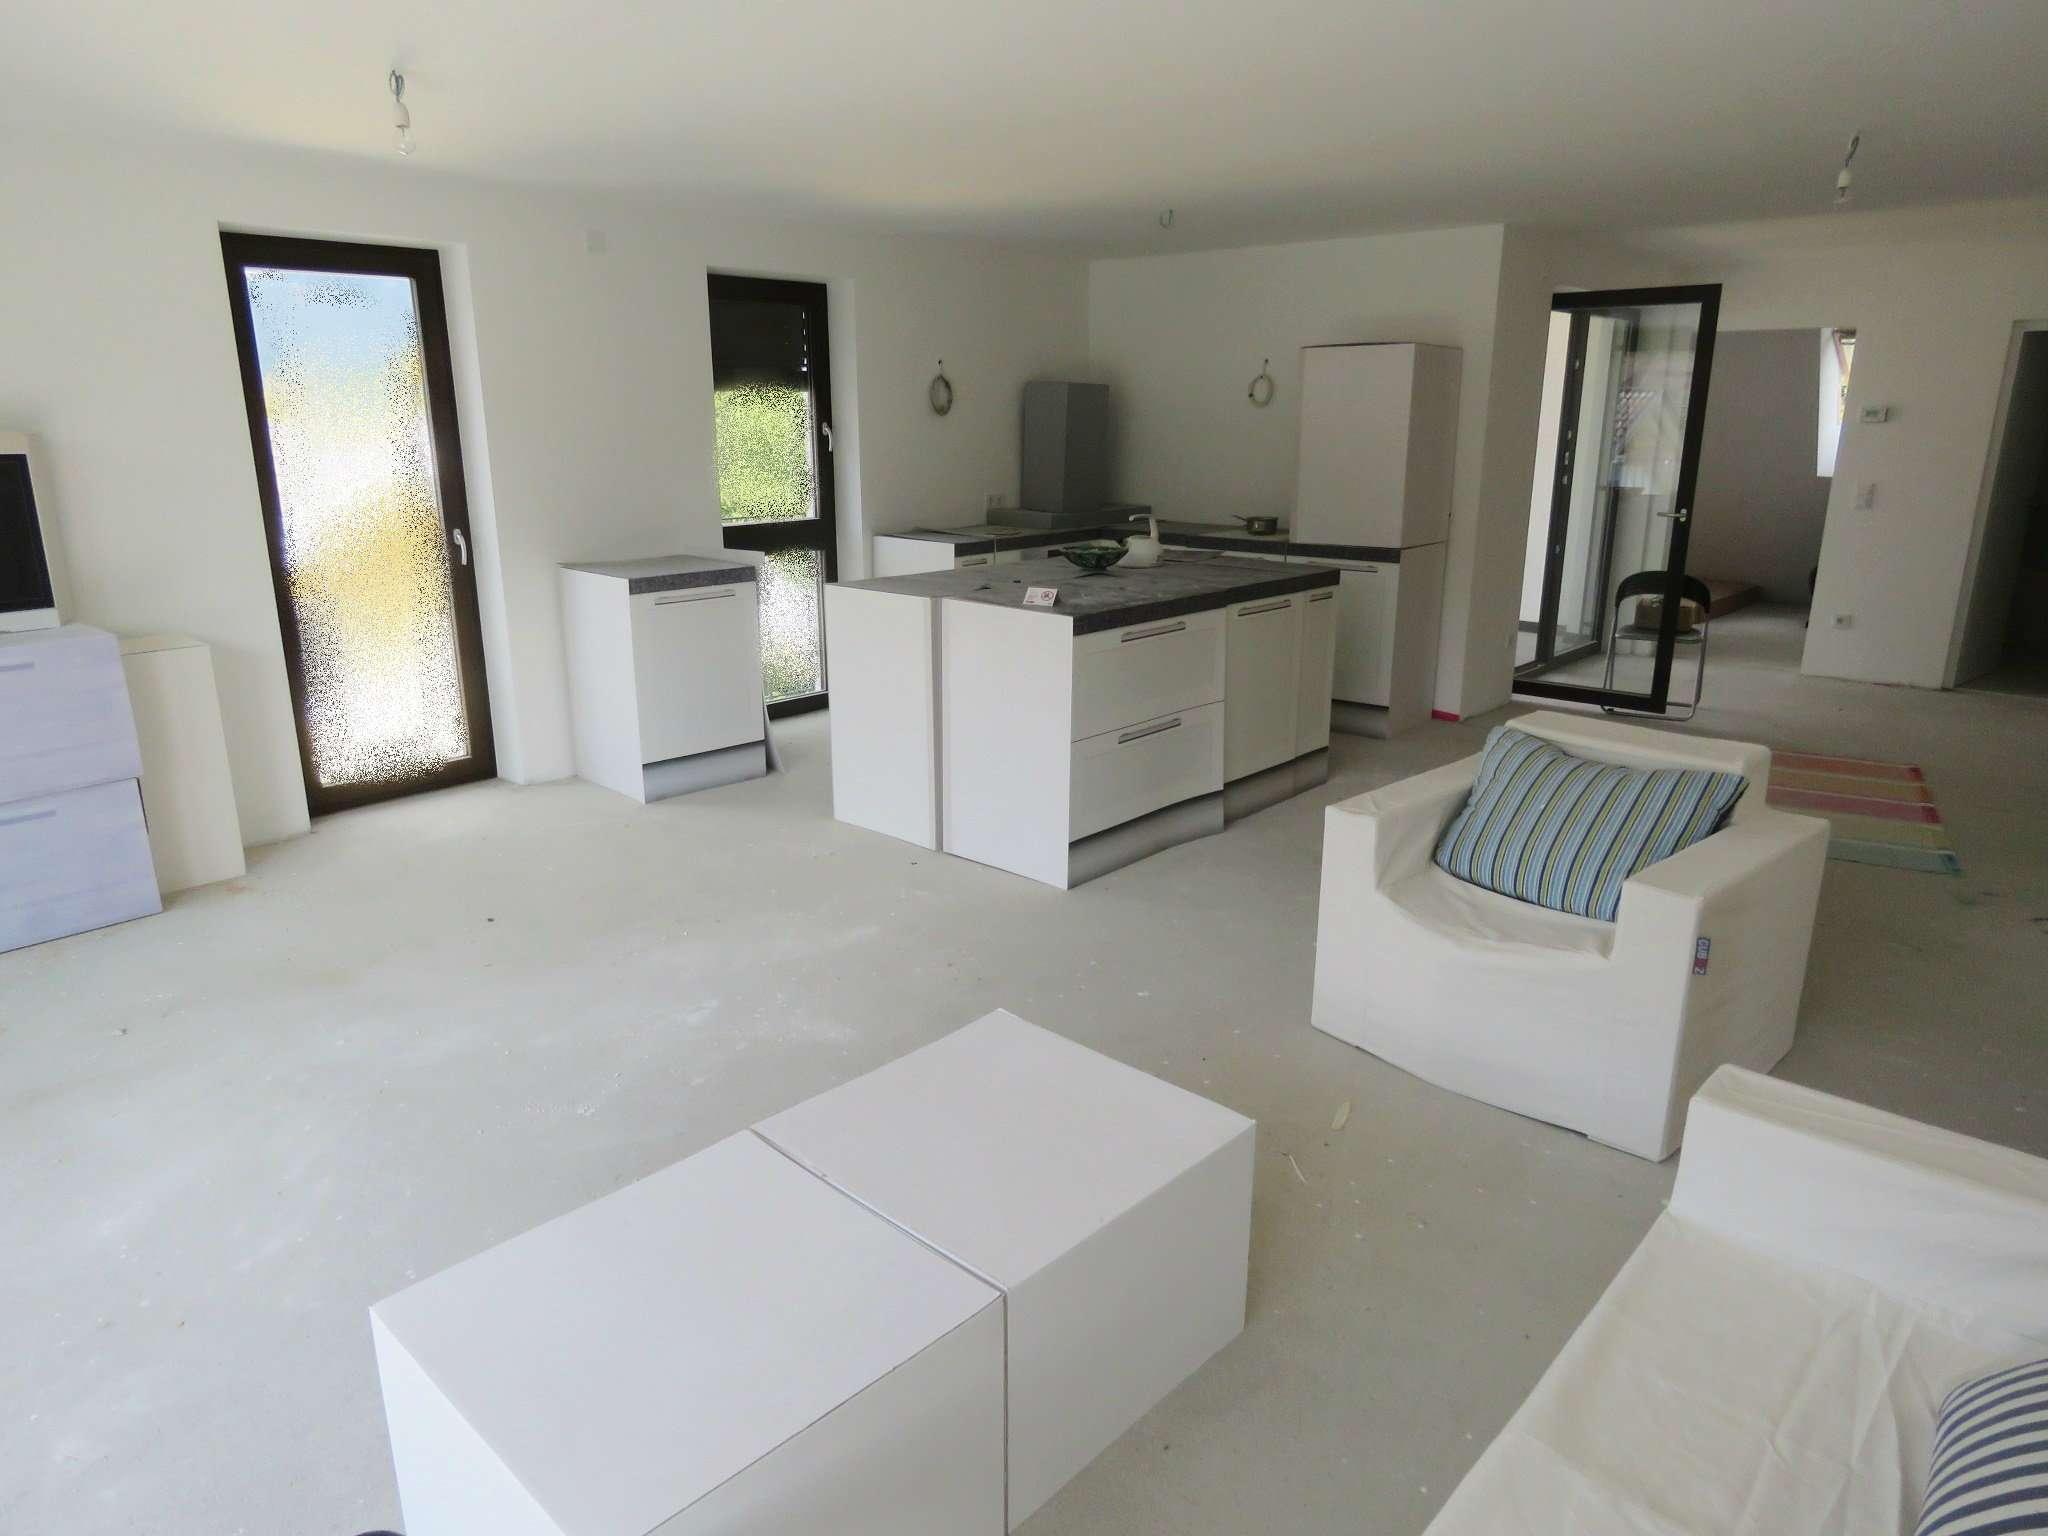 Attico / Mansarda in vendita a Brunico, 4 locali, prezzo € 615.000 | Cambio Casa.it